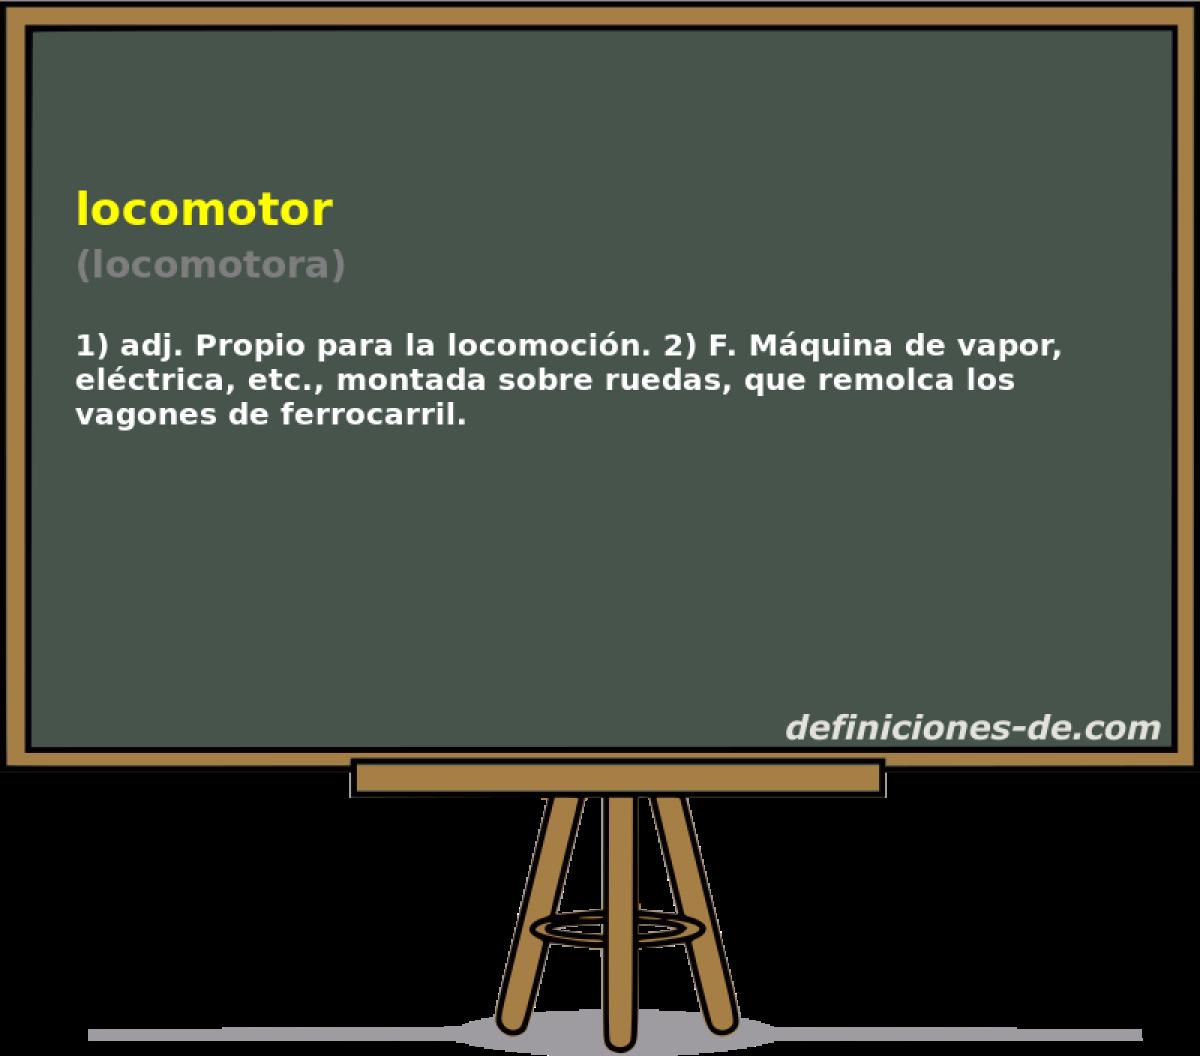 Qué significa Locomotor (locomotora)?